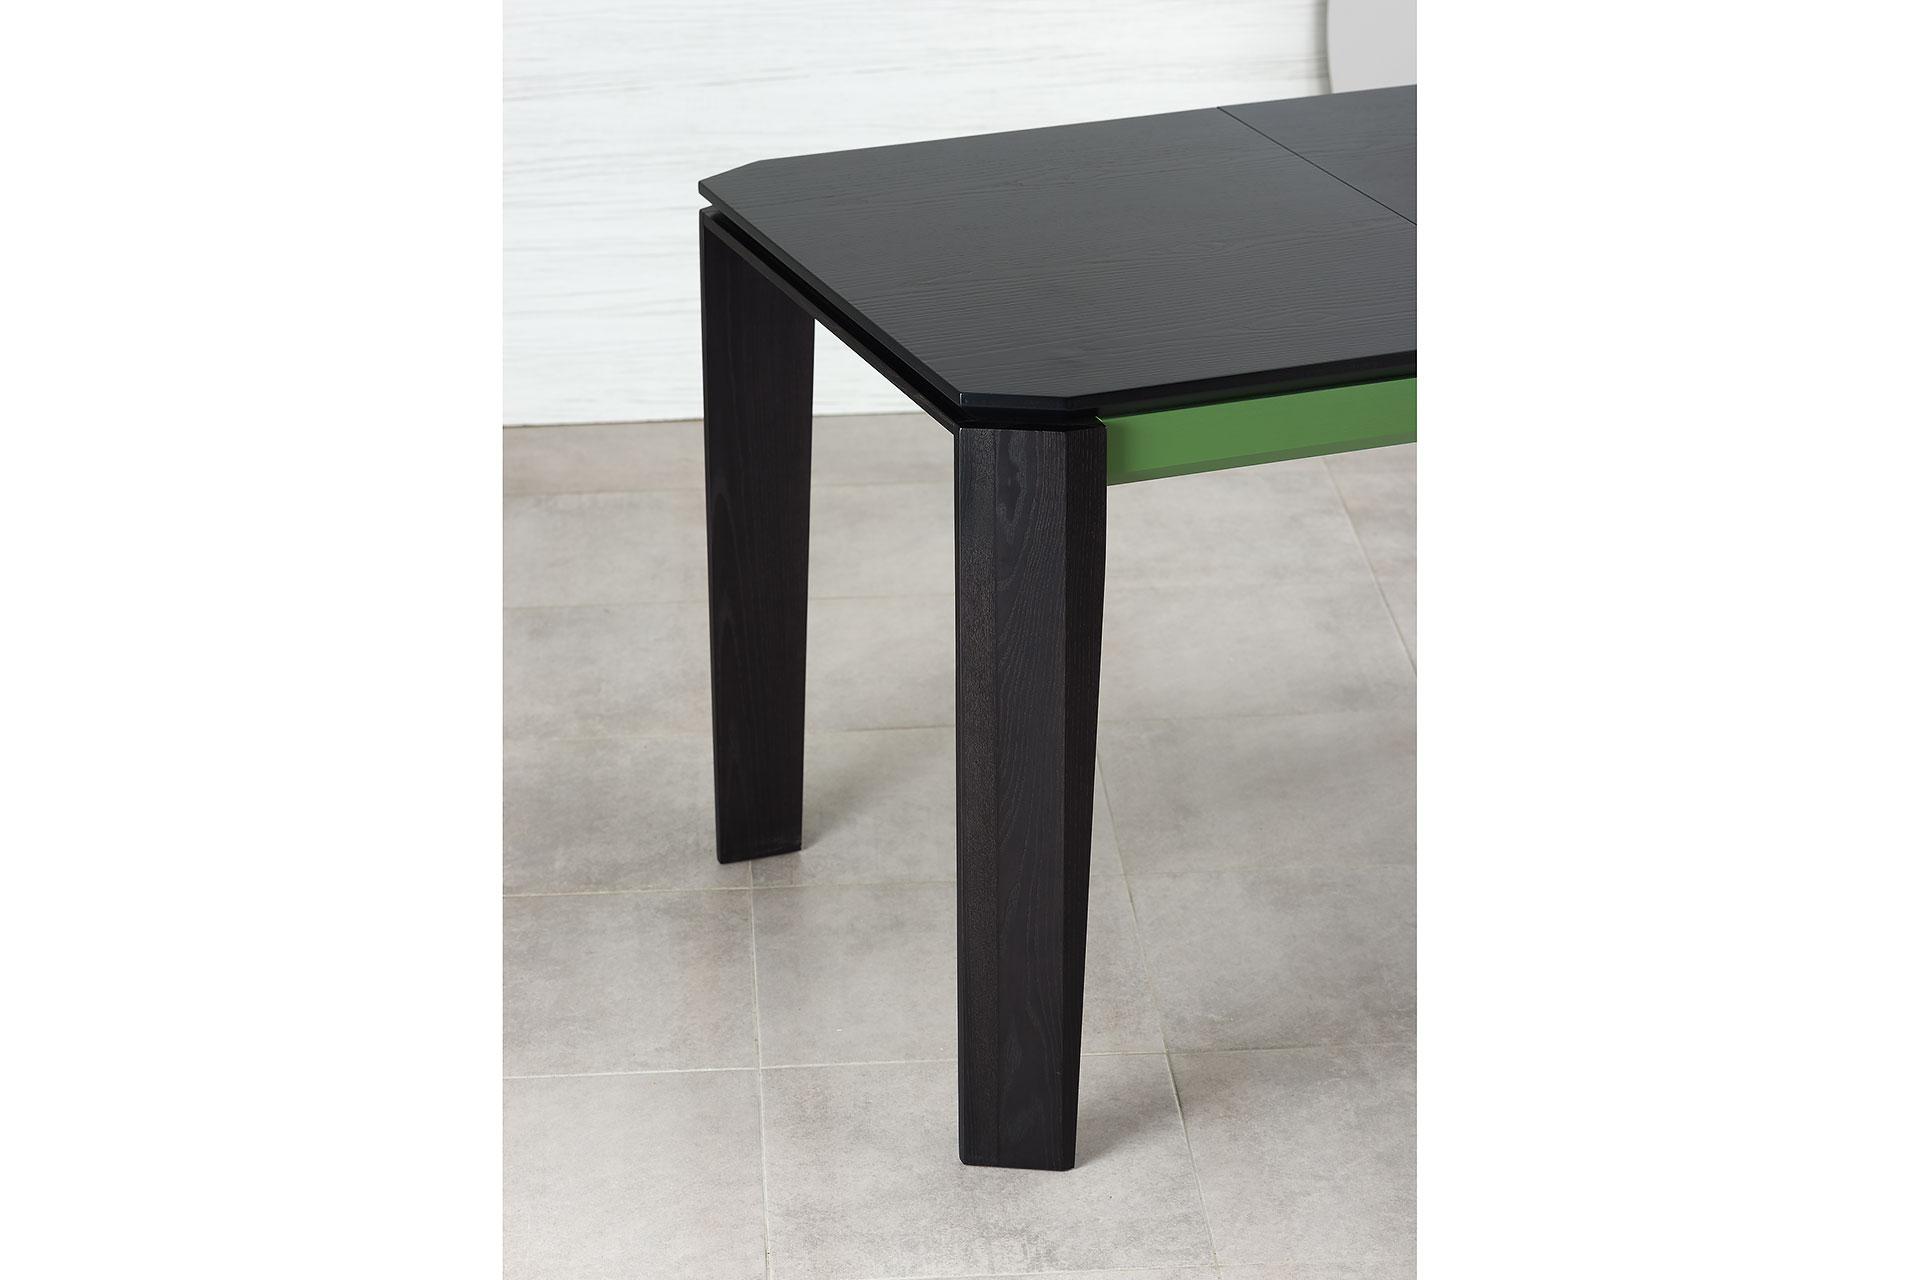 """Раскладной кухонный стол """"Варгас"""" черно-зеленый (столешница шпонированная) с твердого дерева (ножки стола)"""